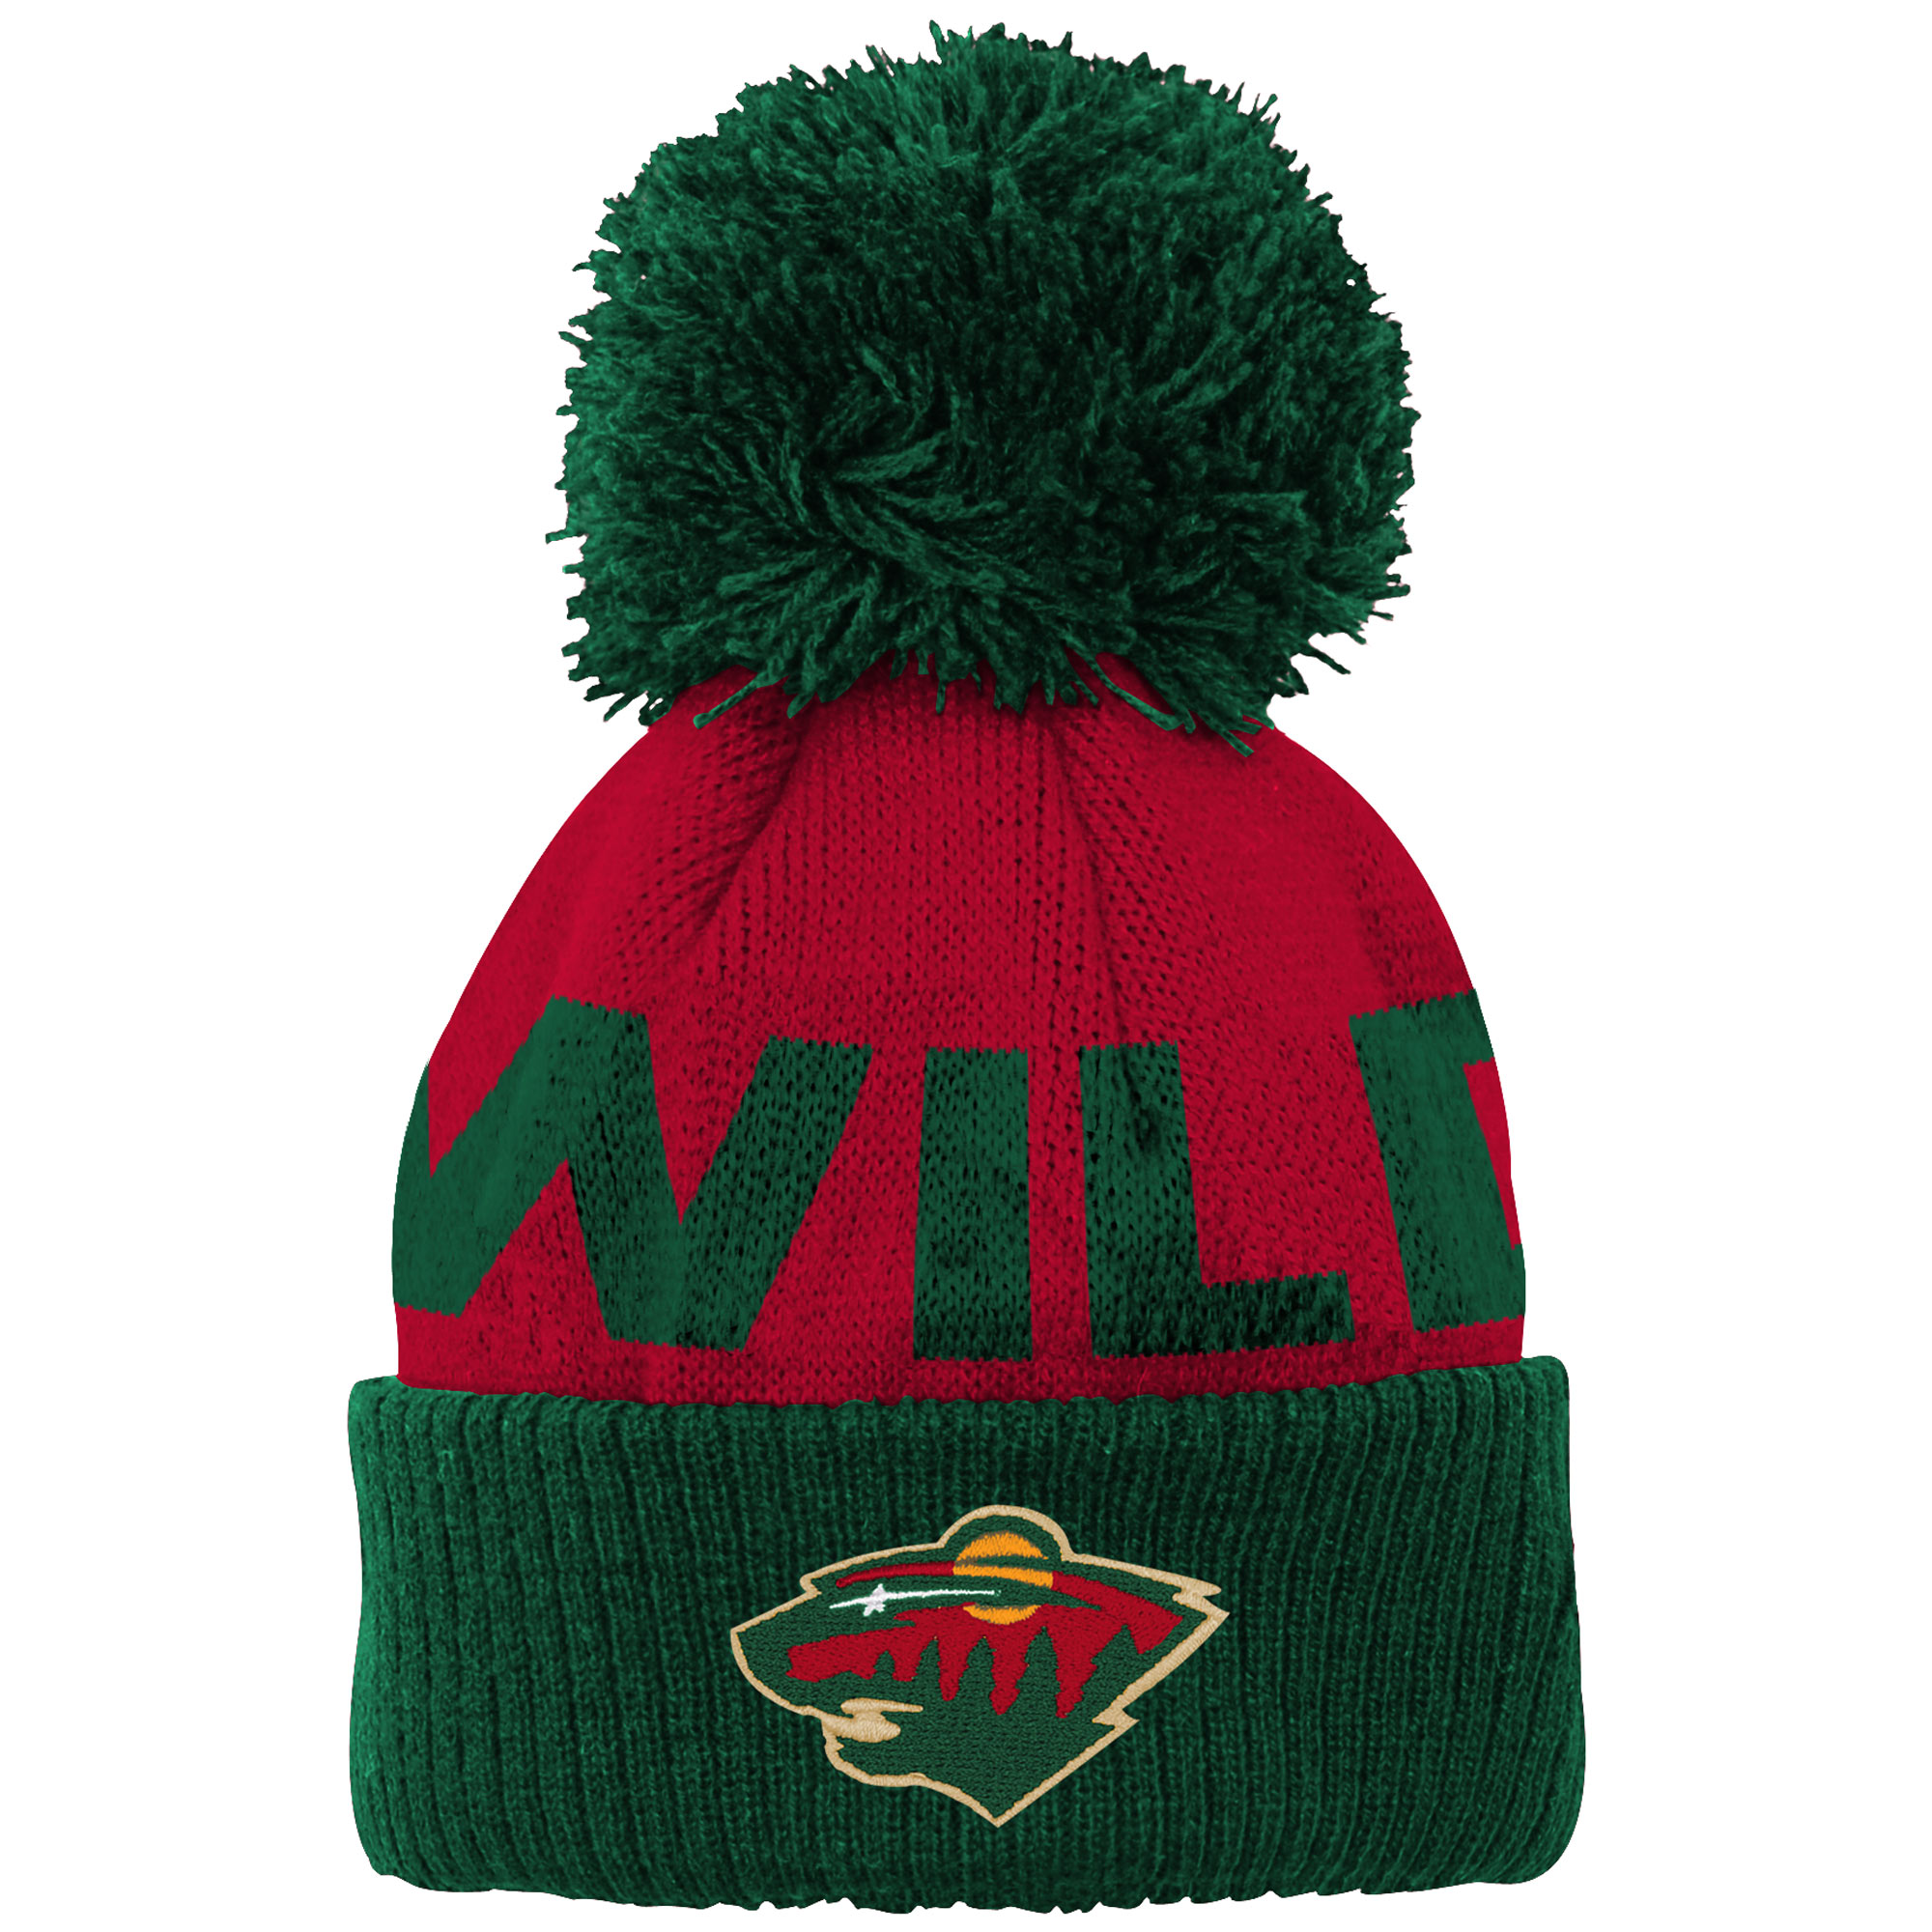 Minnesota Wild Newborn & Infant Block Wordmark Cuffed Pom Knit Hat - Red - OSFA